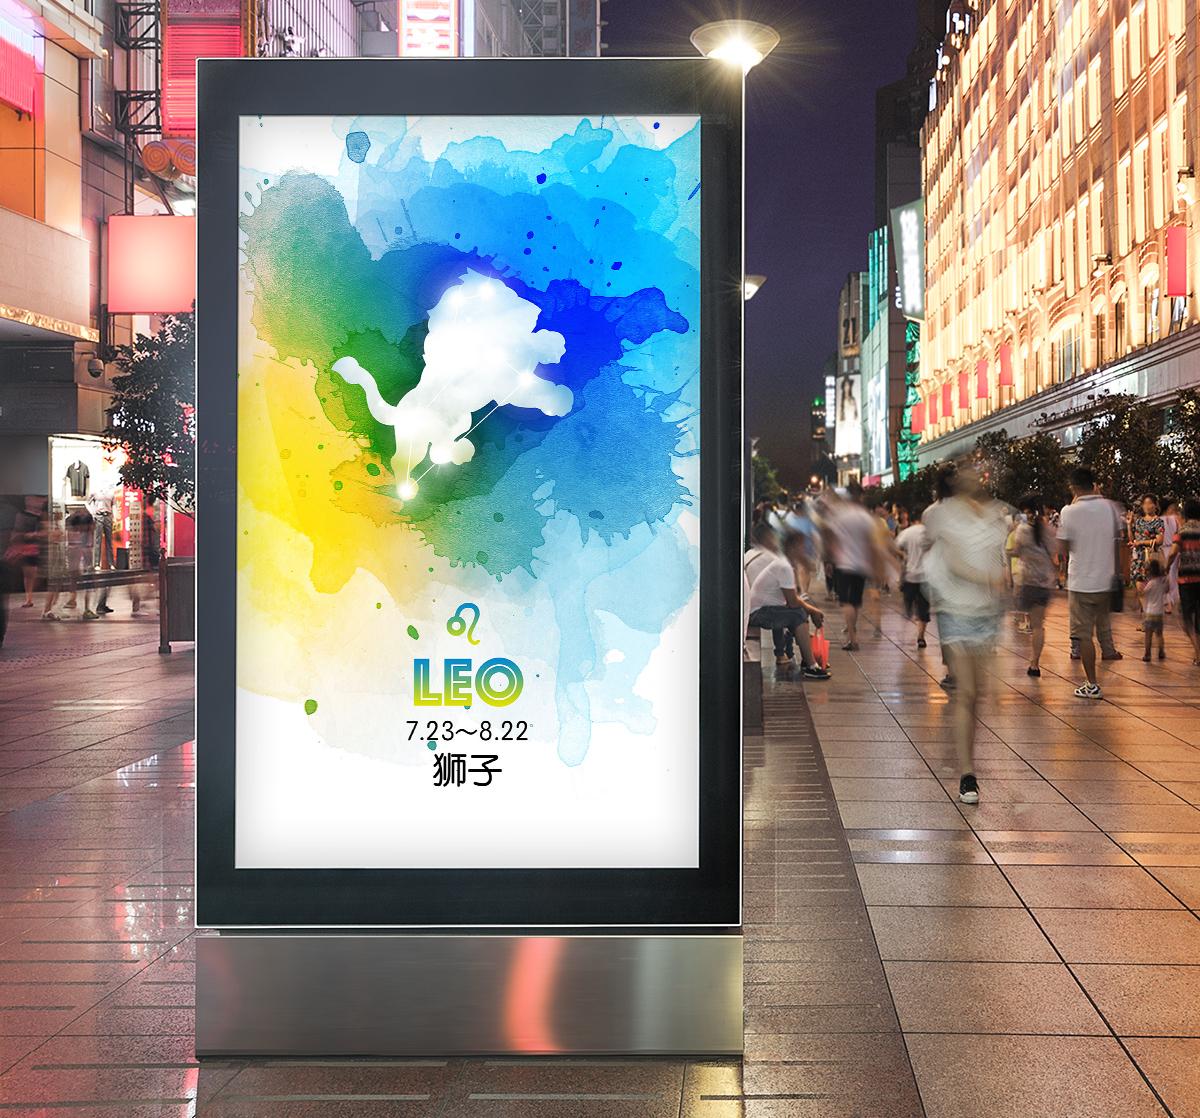 狮子座 星座海报 PSD模板源文件下载